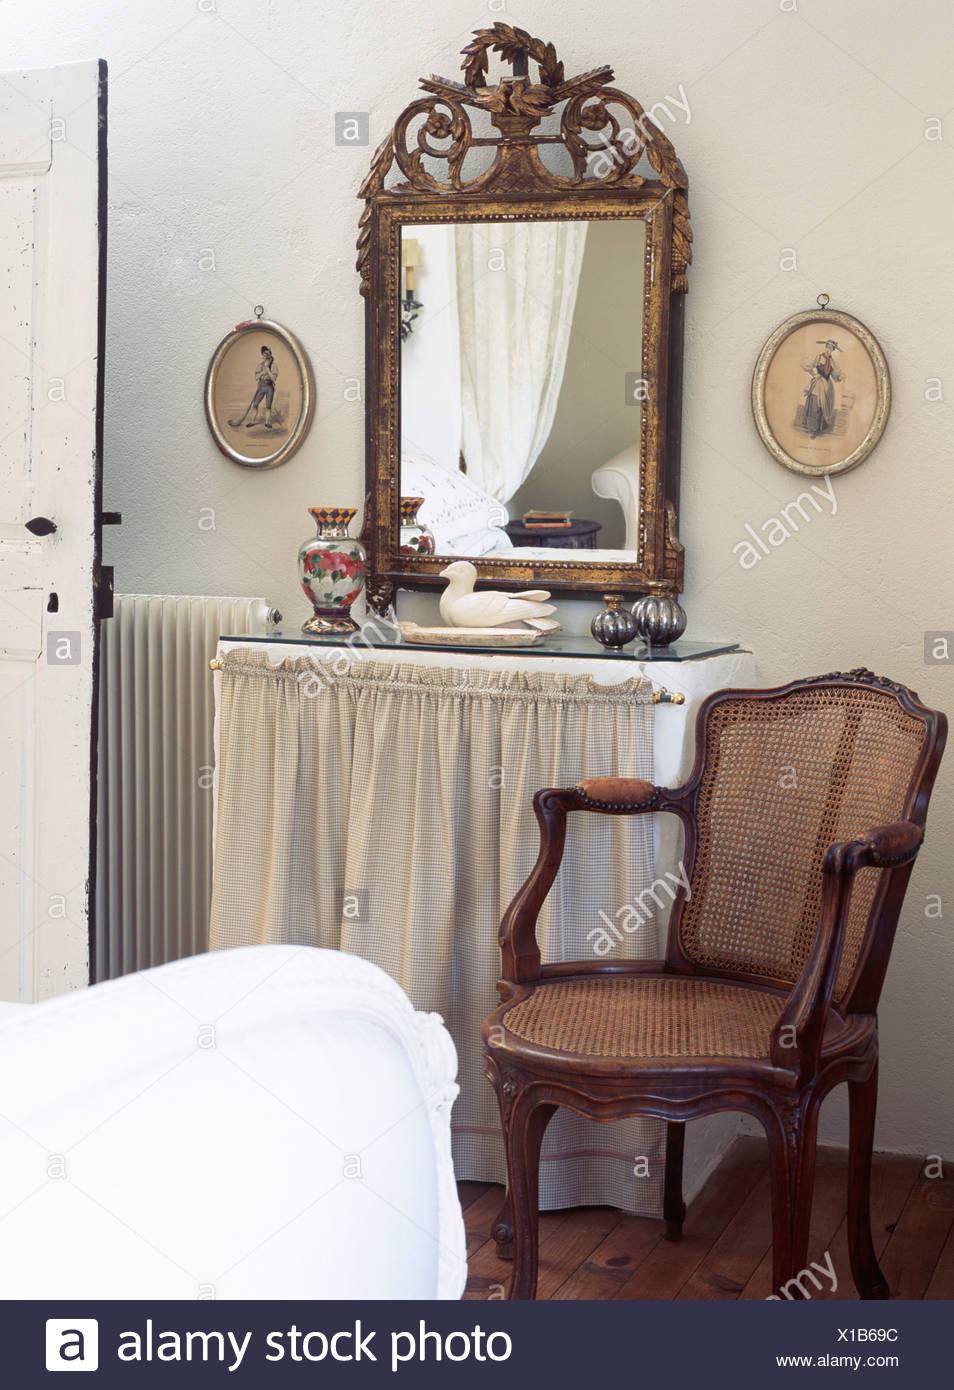 Antiquariato dorato ornata specchio sopra comò con drappi crema ...